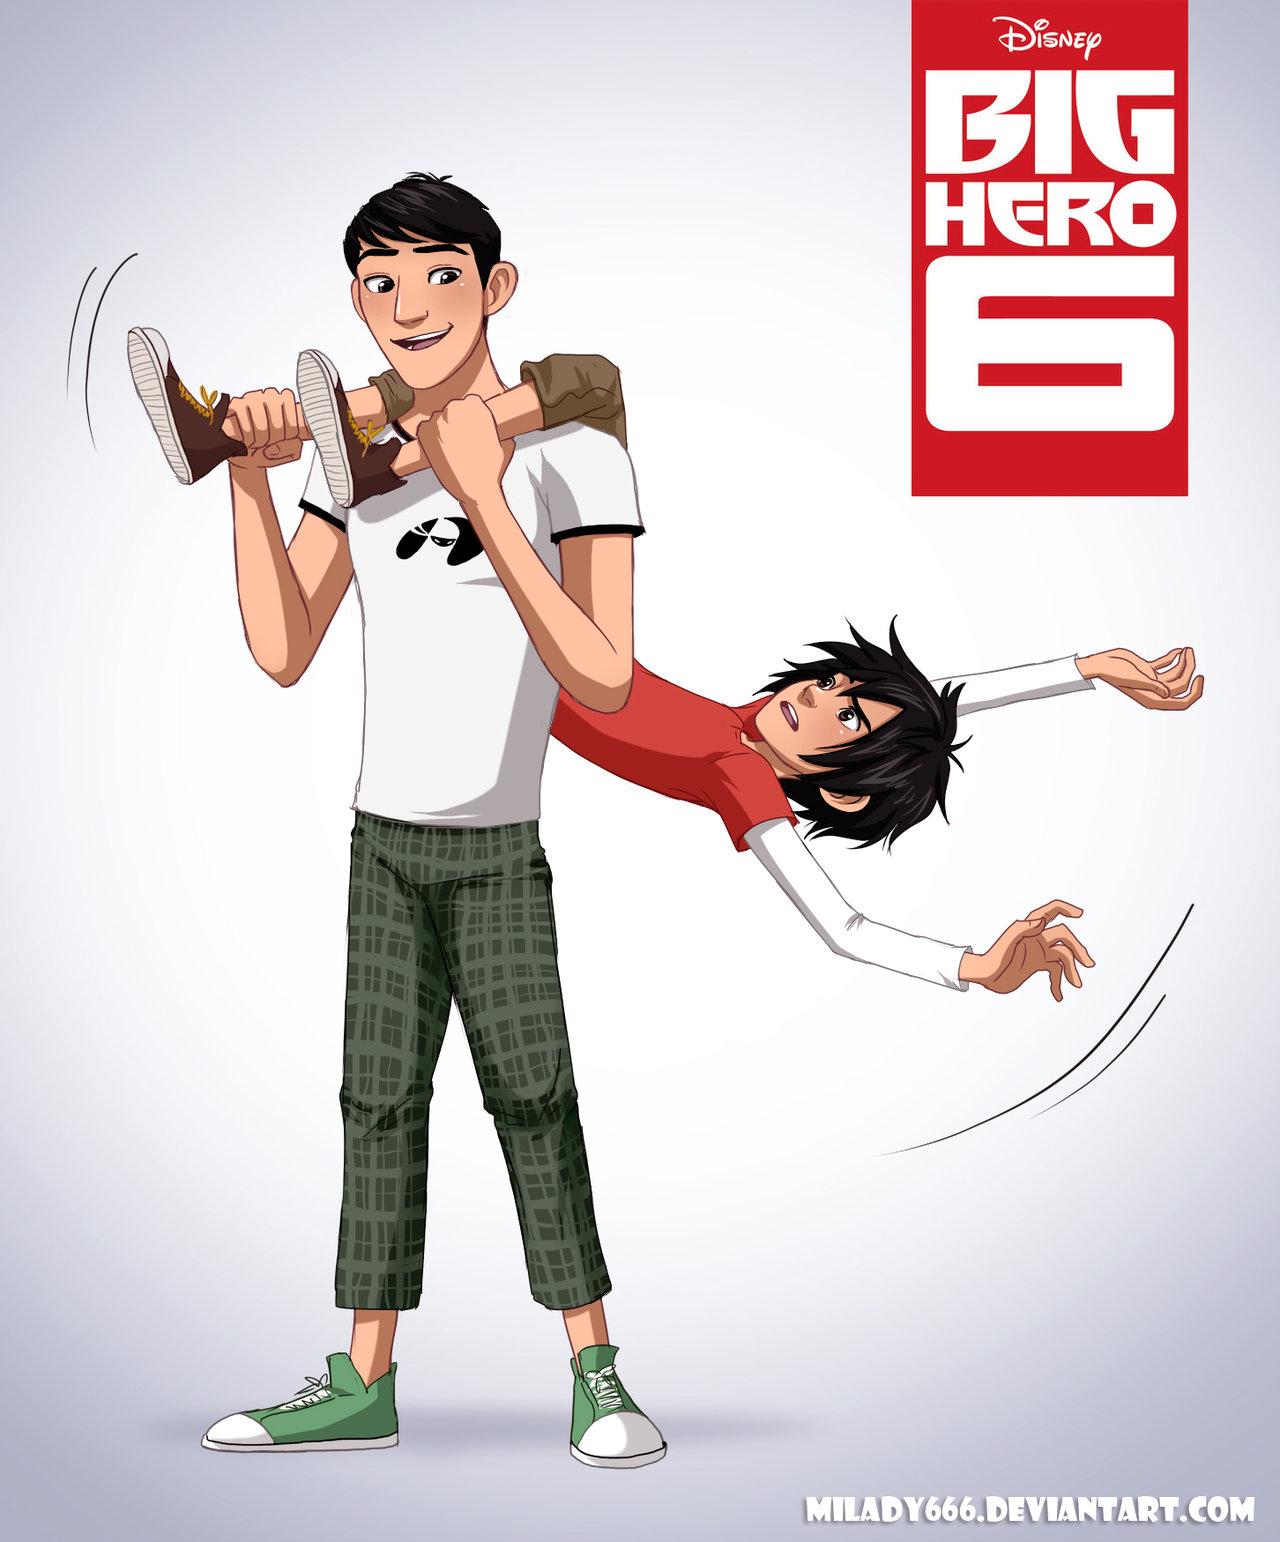 Tadashi and hiro big hero 6 fan art 37719031 fanpop